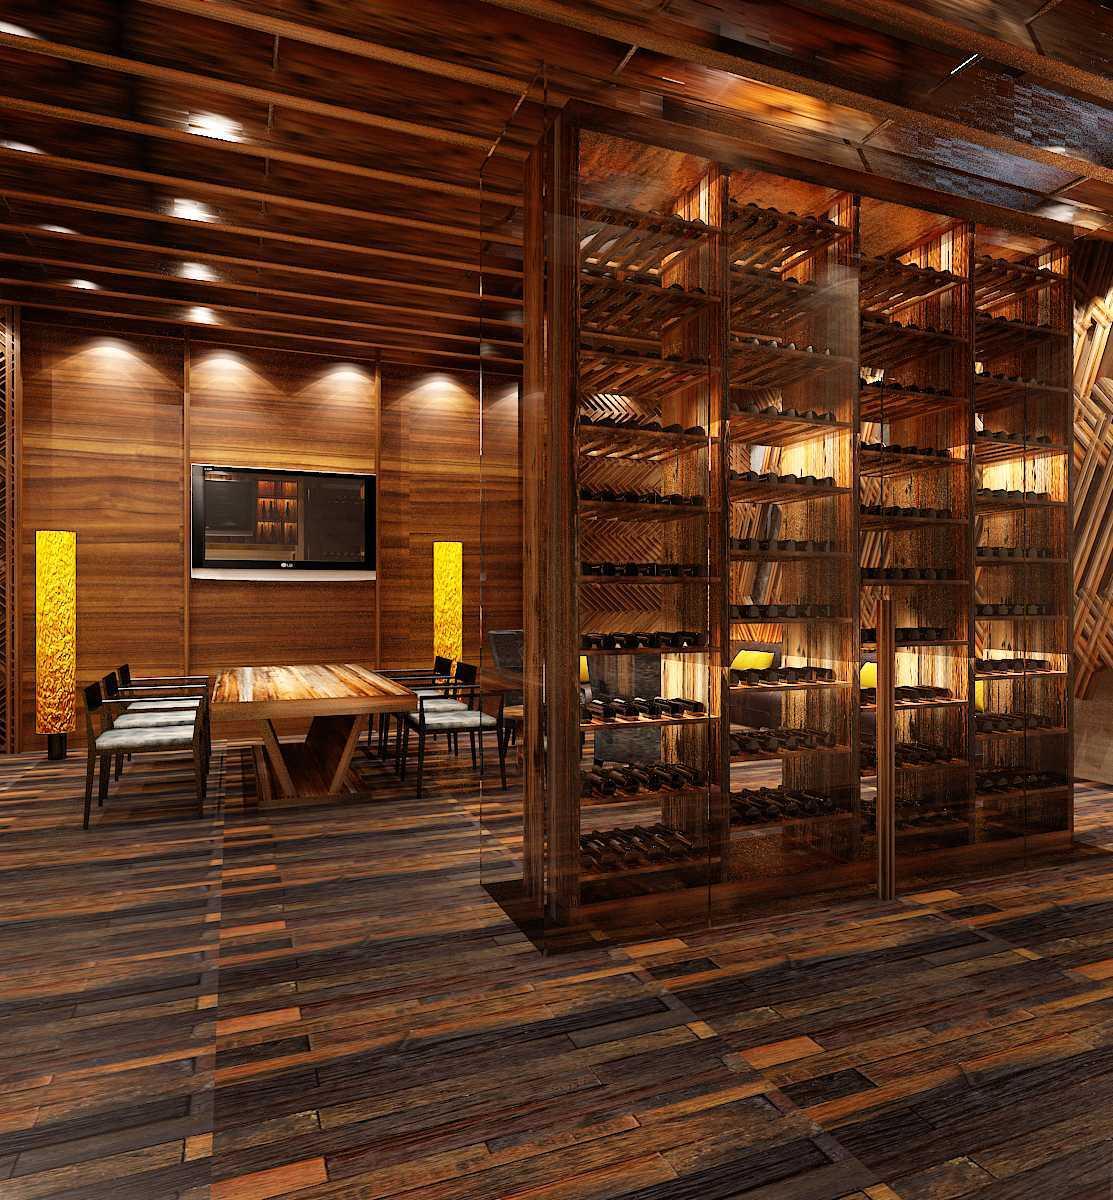 Pt Alradista Desain Indonesia Camar Lounge Pantai Indah Kapuk Pantai Indah Kapuk Bar   24234